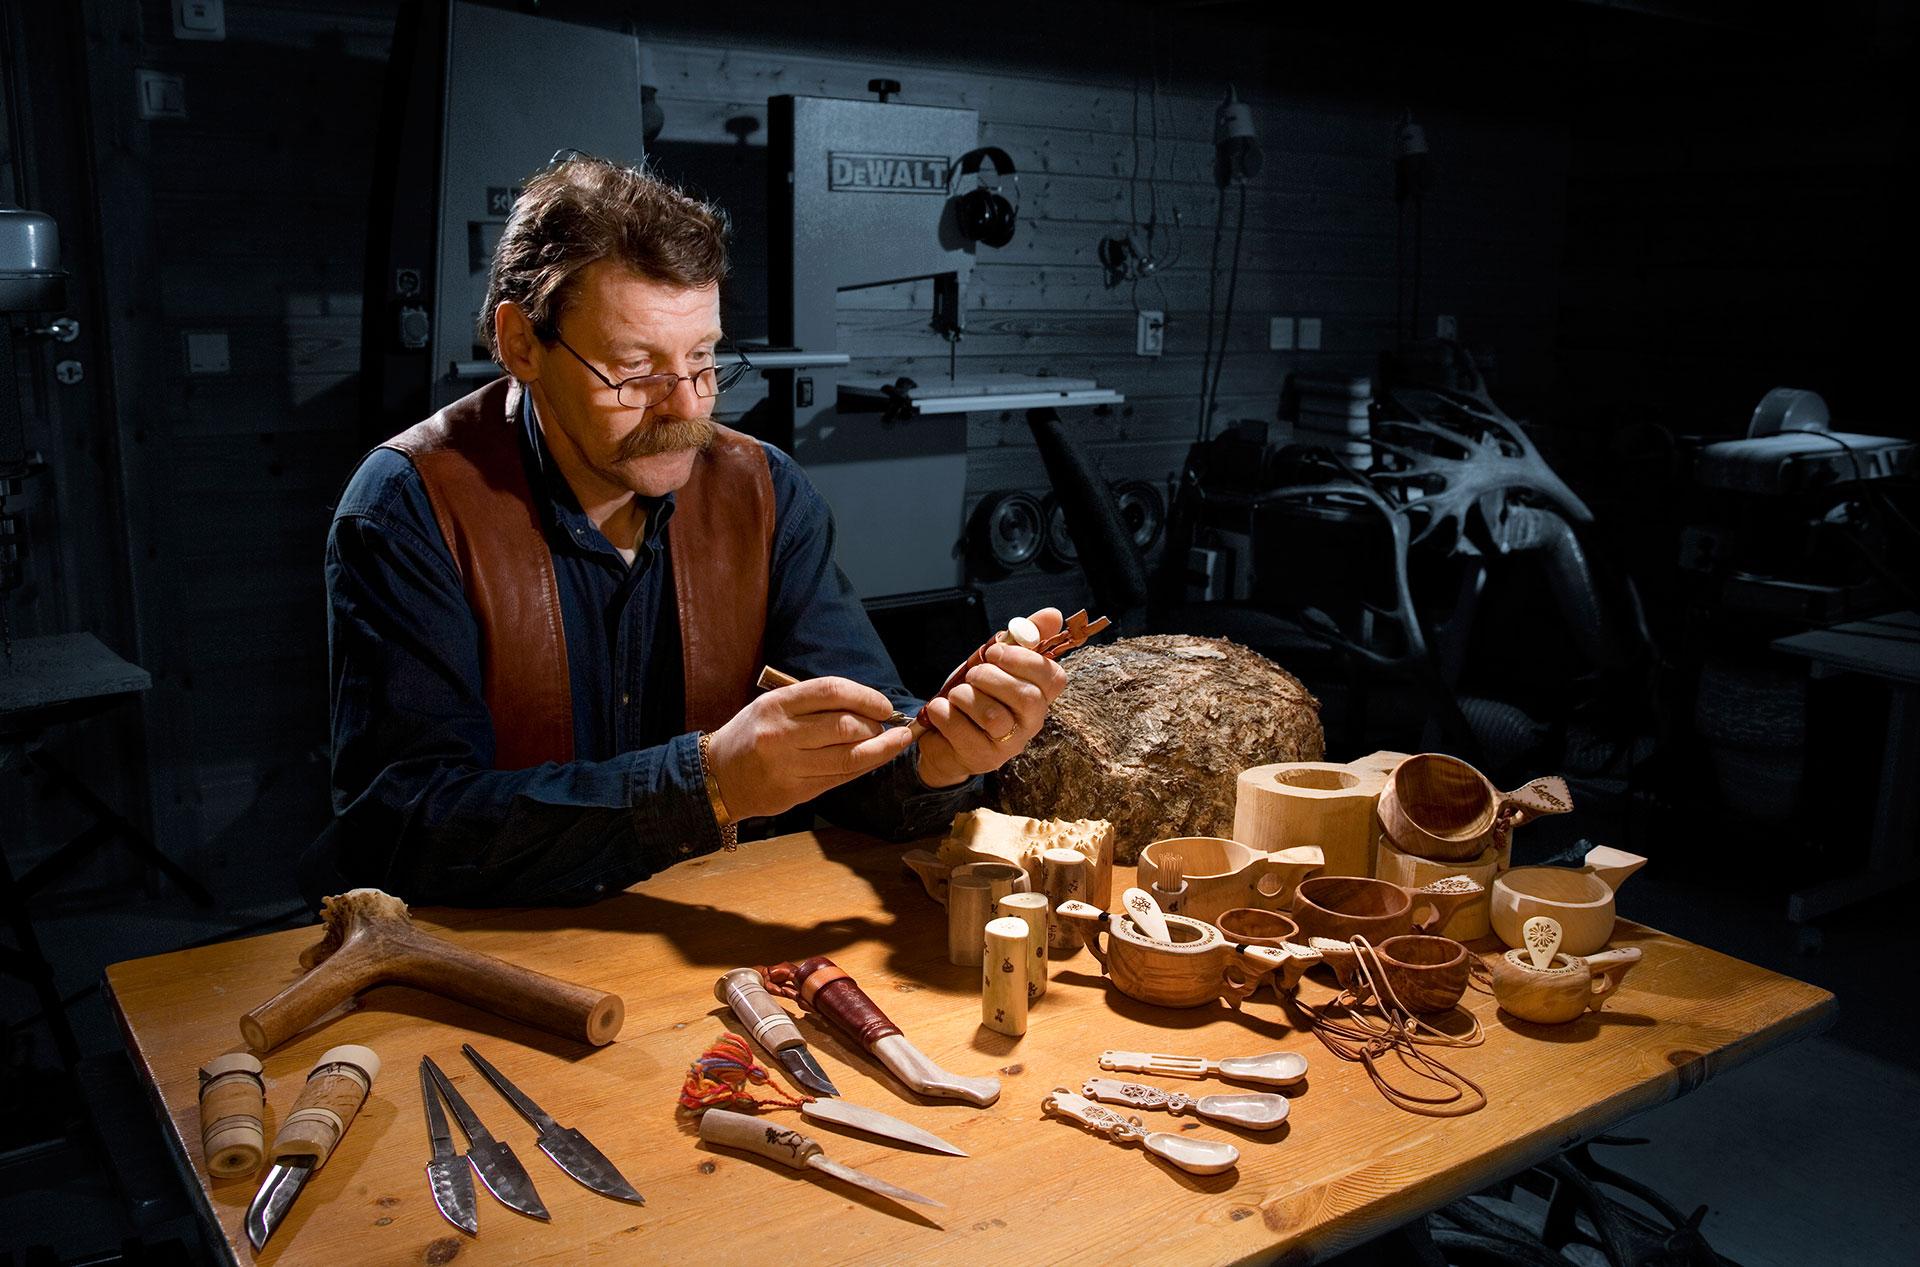 Ari Kangasniemi of Hornwork handicrafts workshop in his essence in Rovaniemi, Lapland, Finland